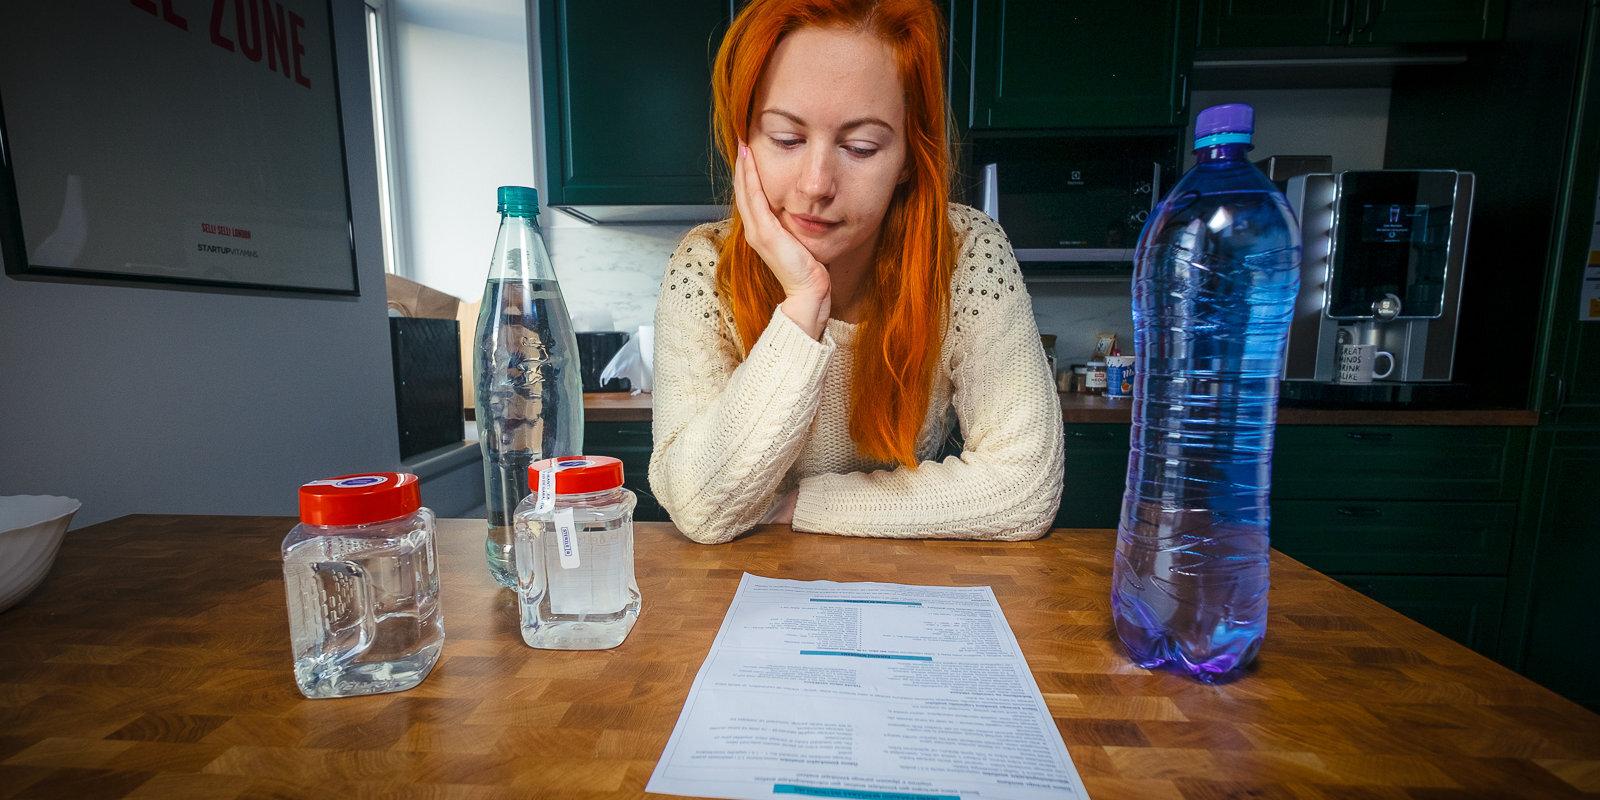 No virtuves krāna vai pudeles – kurš ūdens labāks? Testējam laboratorijā